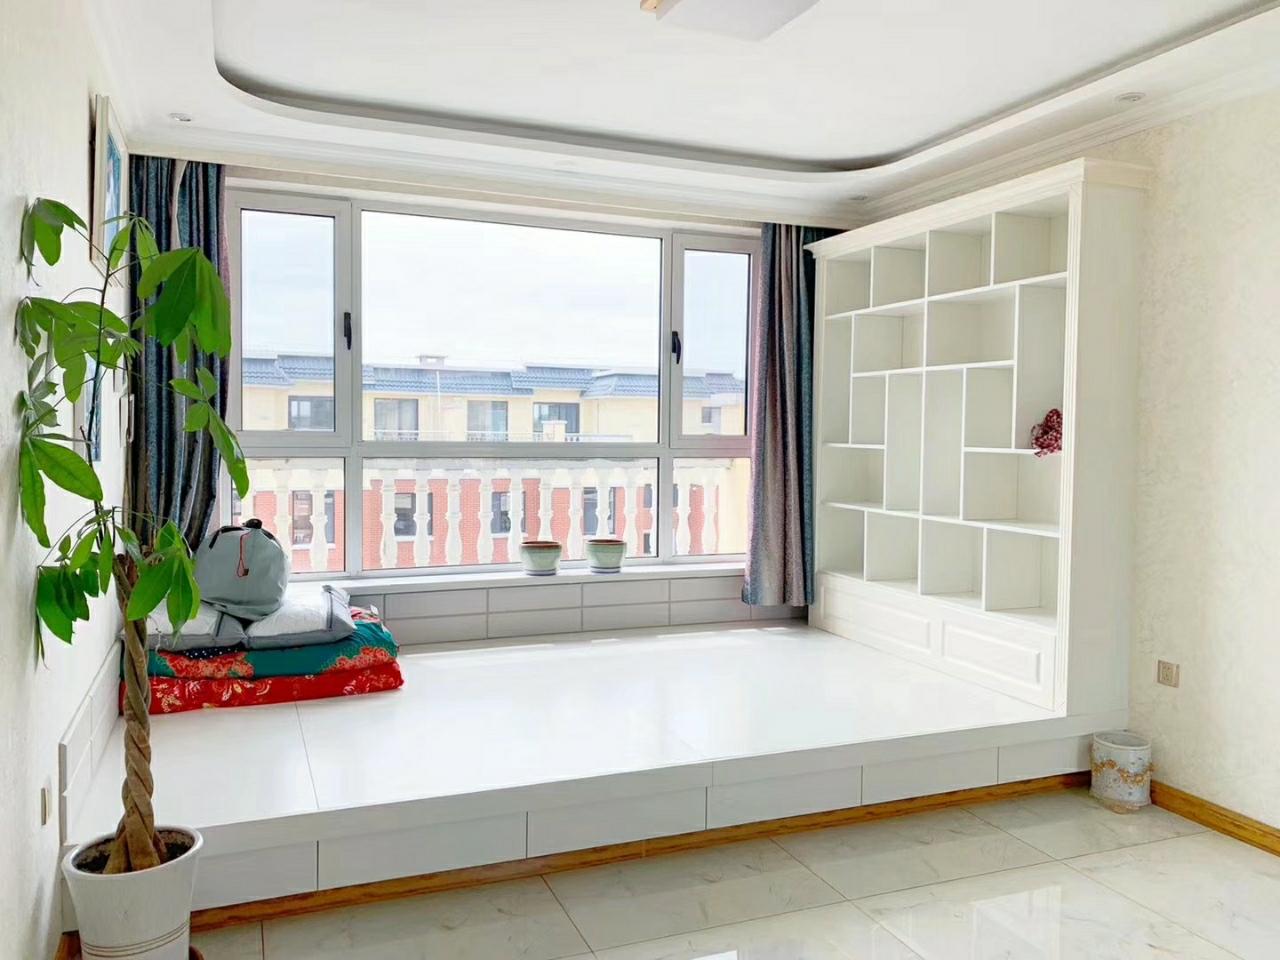 江山帝景五樓帶閣樓,精裝修2室2廳2衛42萬元